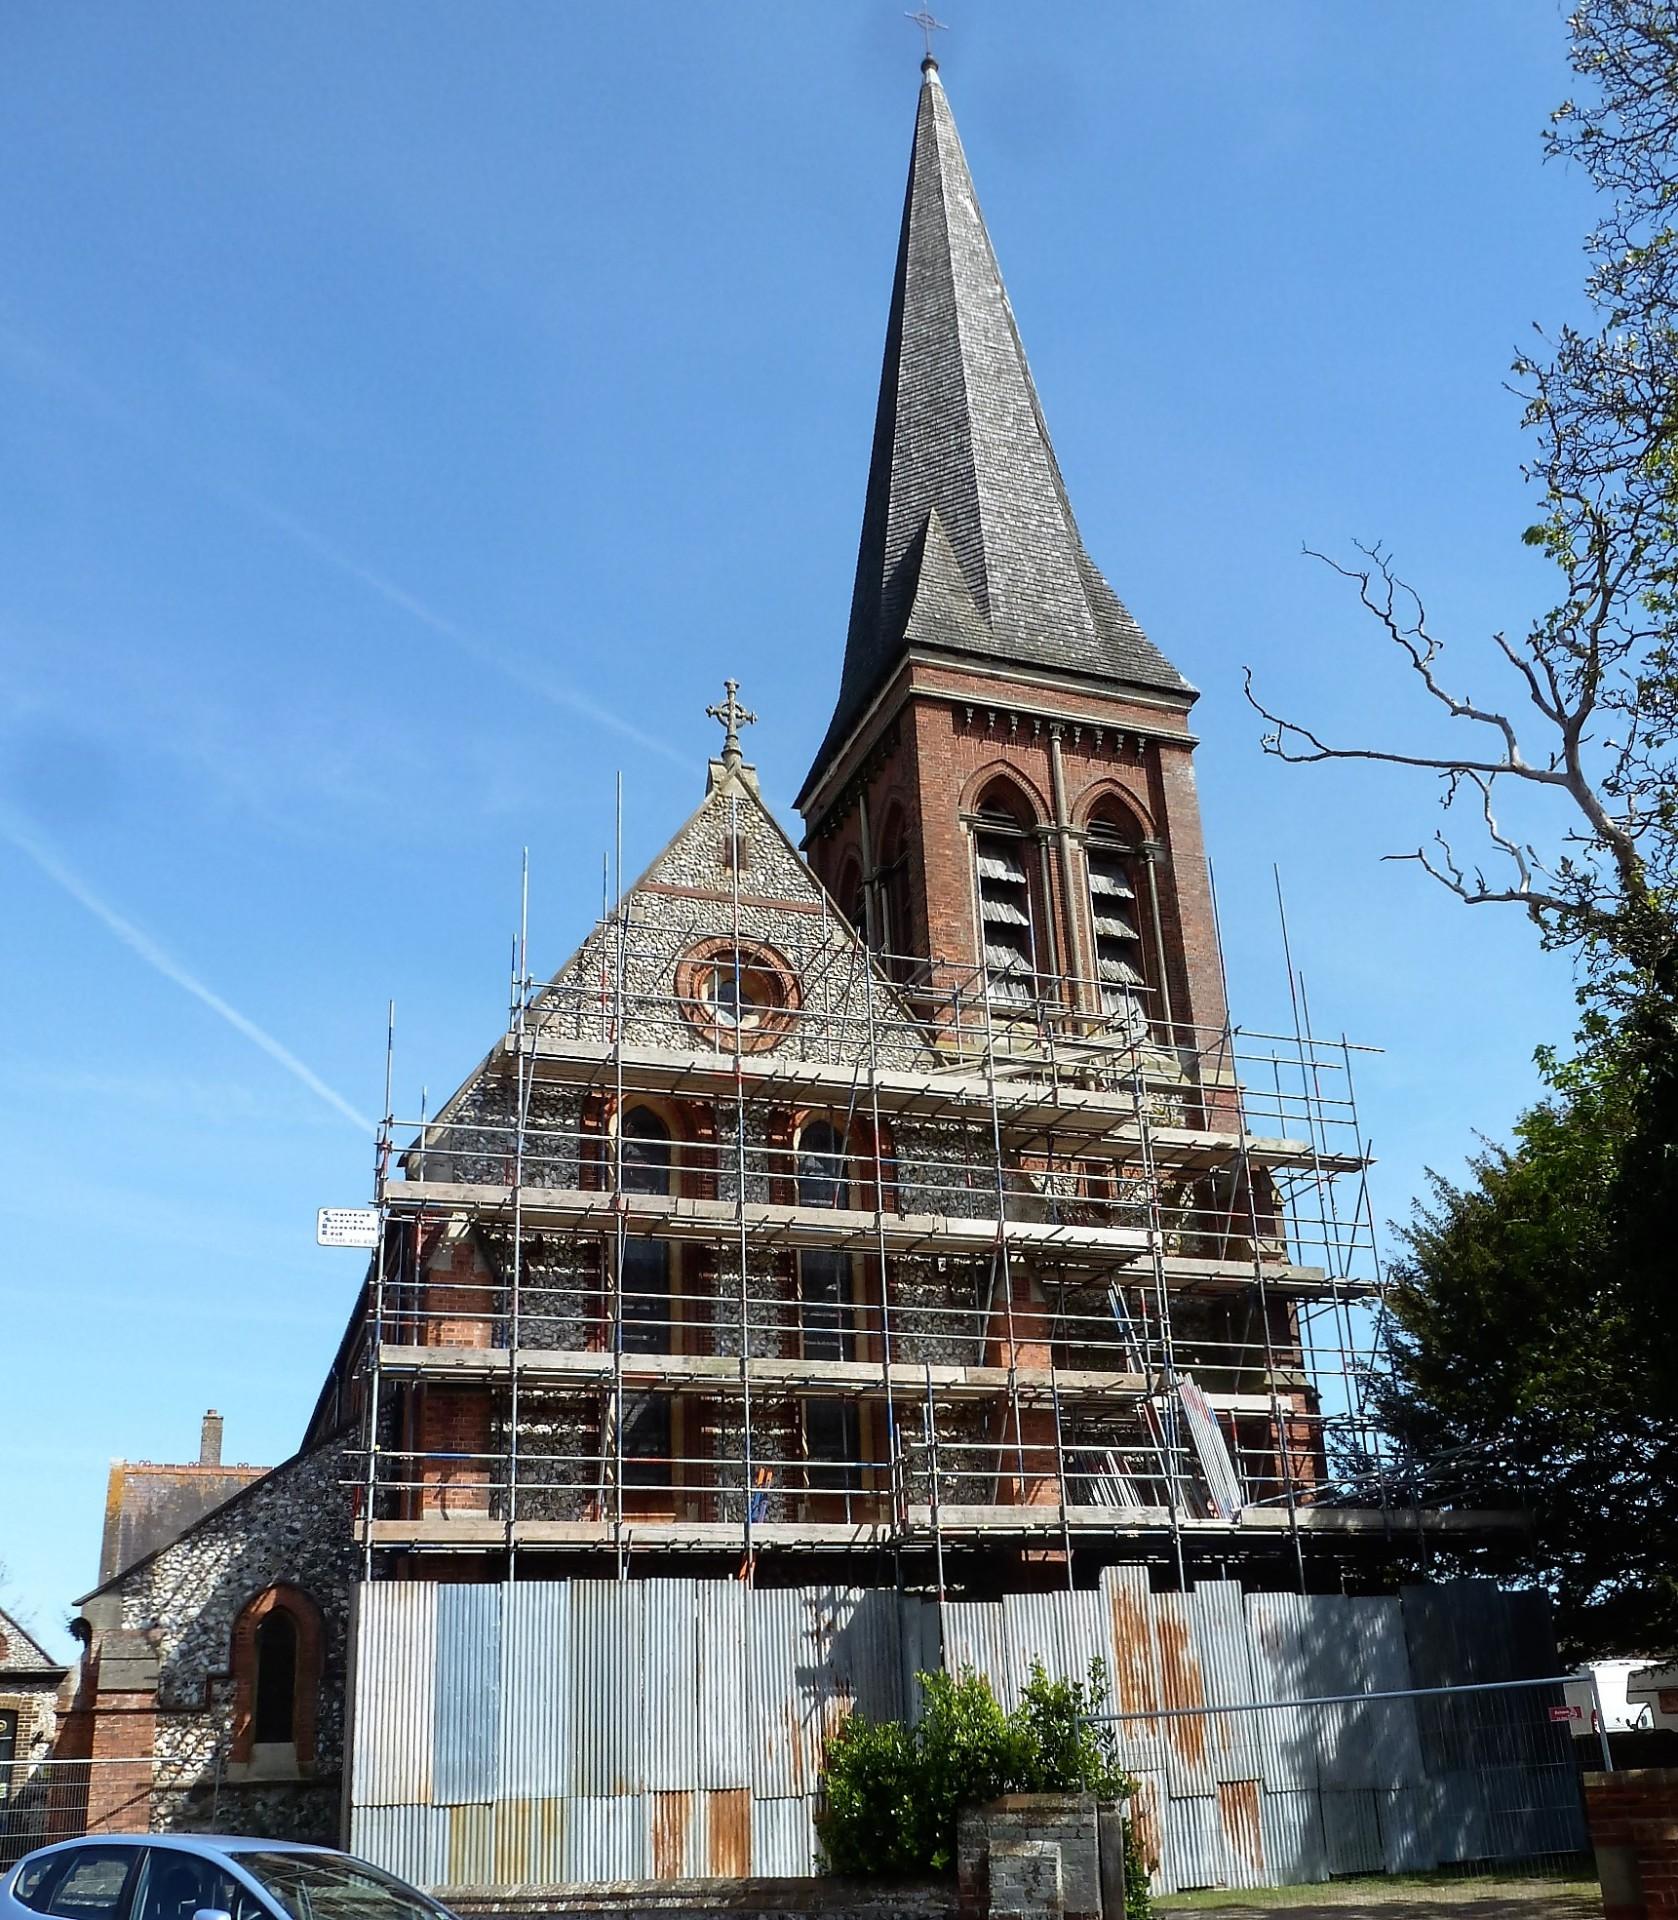 St. Botolph's, Heene, Scaffolding rising, 4.5.16